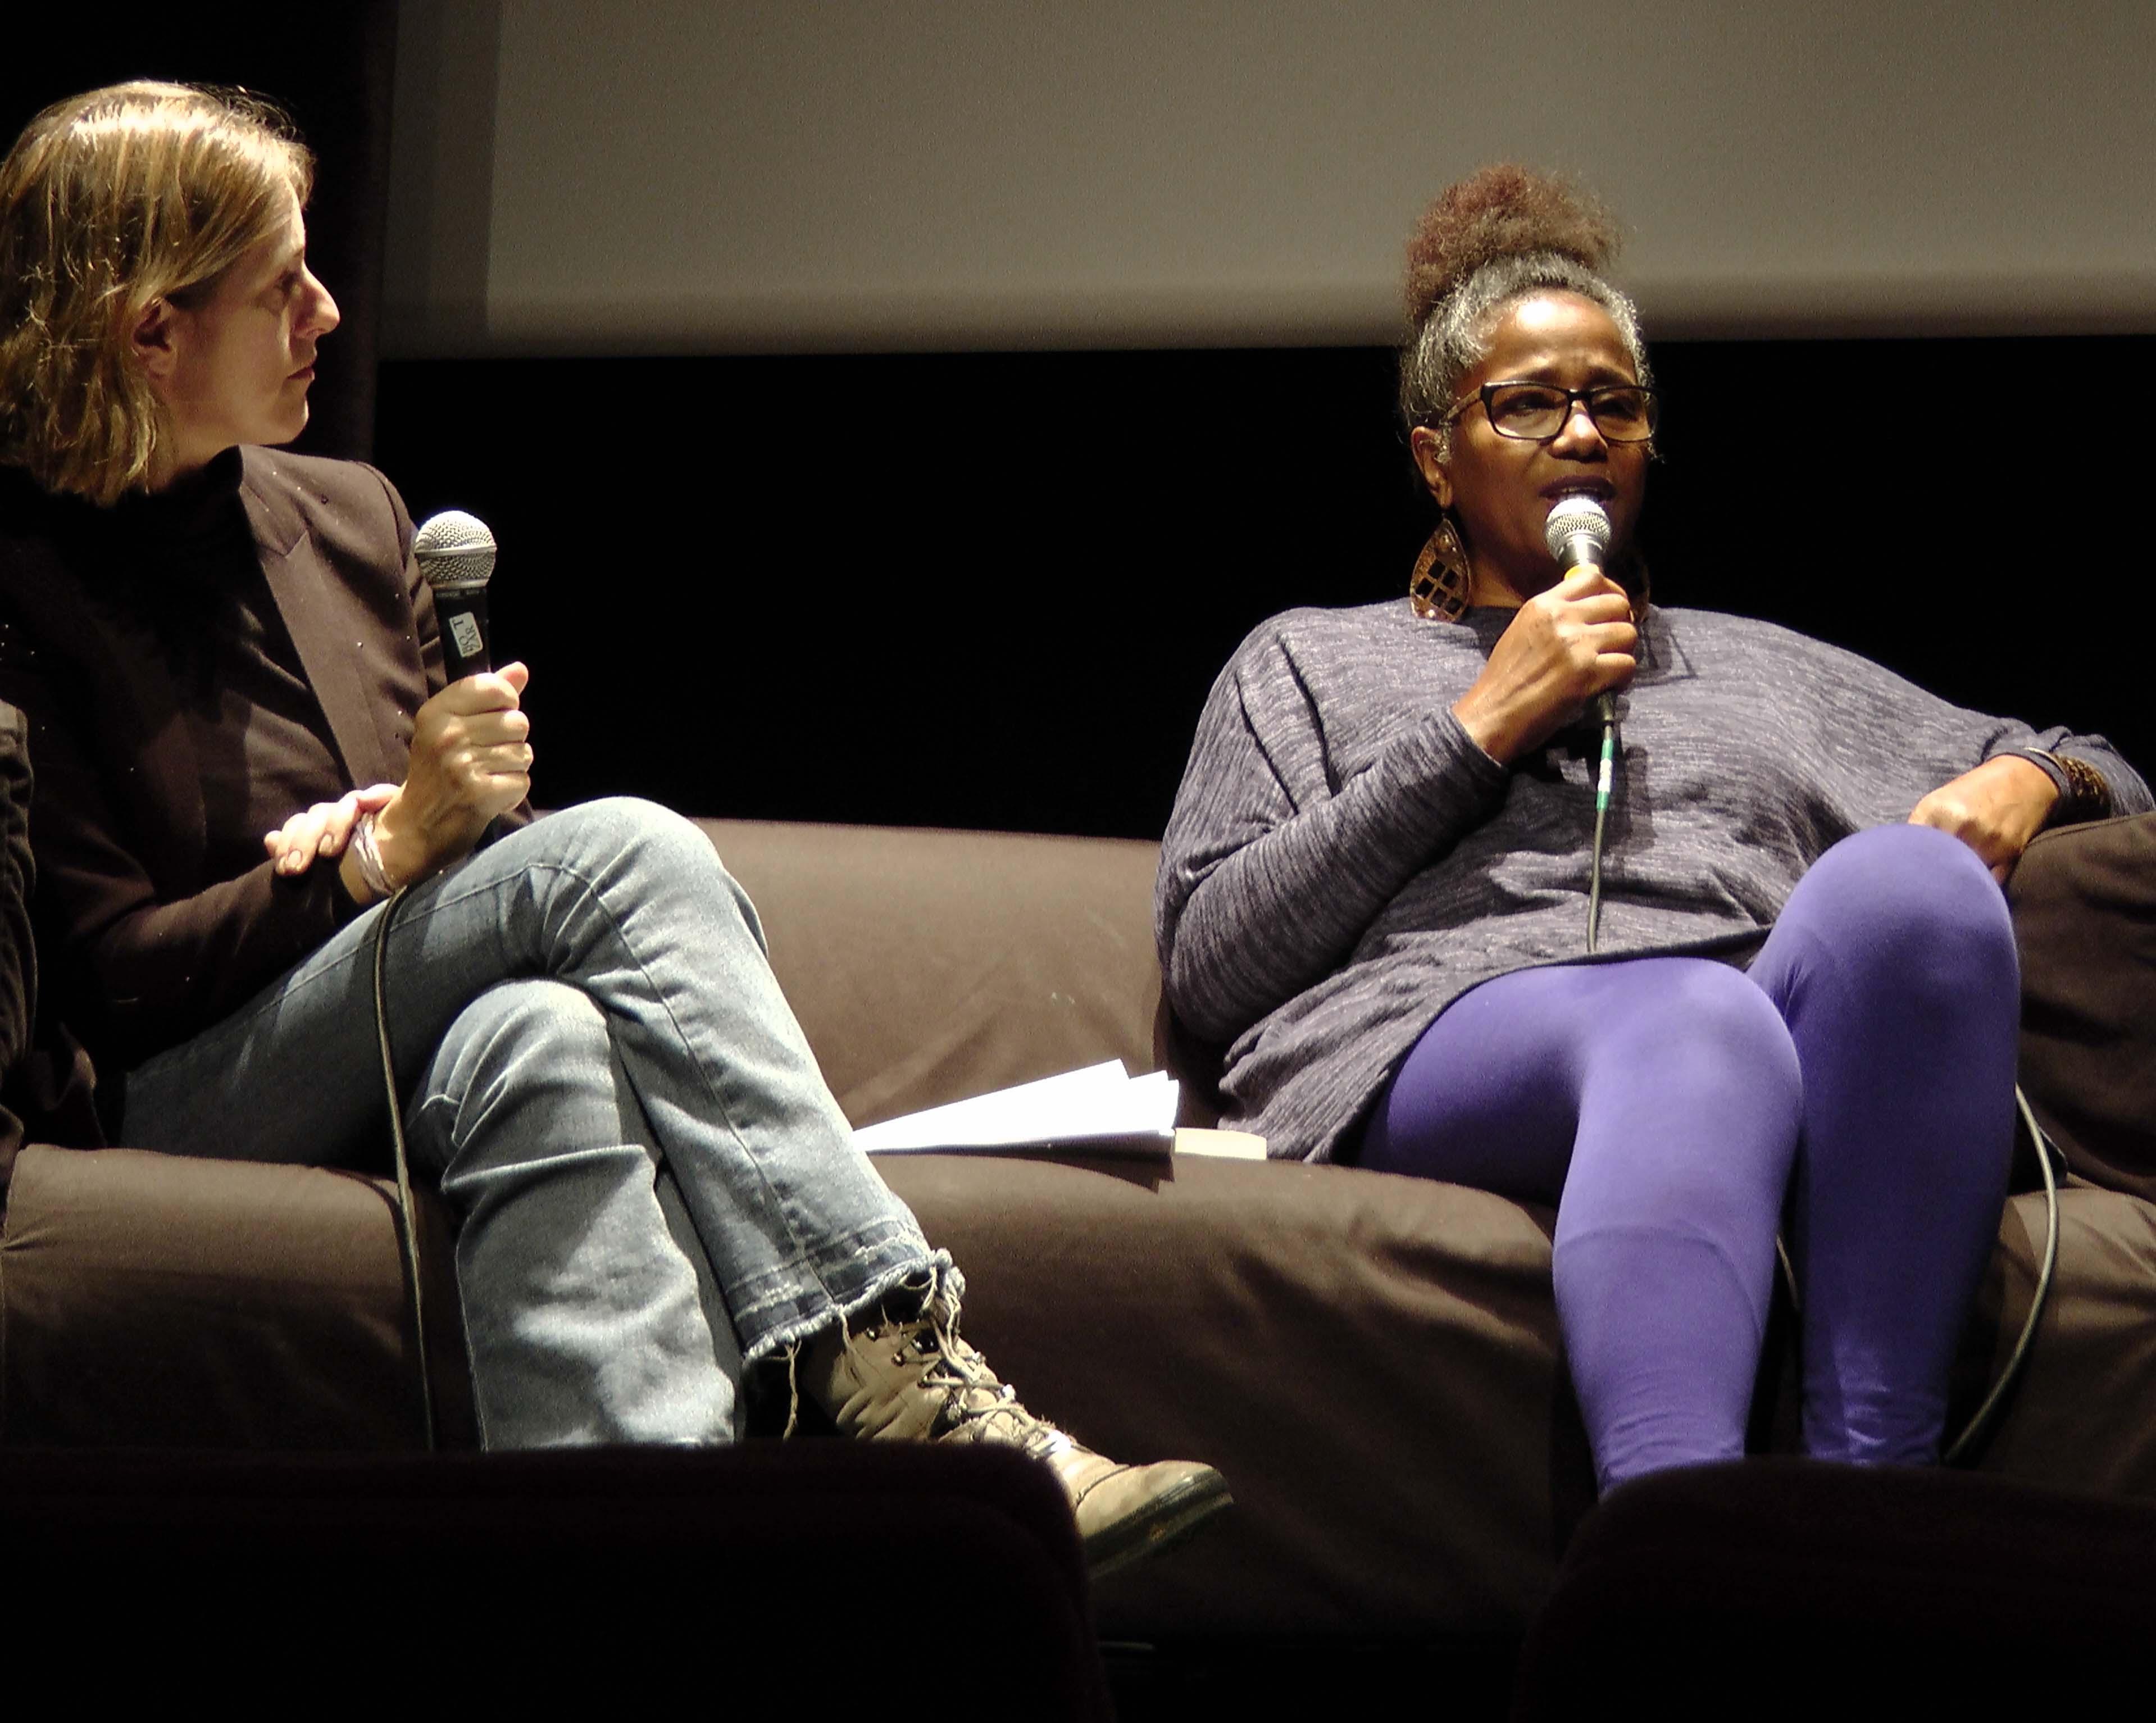 Geneviève Damas, Kettly Mars, le 14 décembre 2016, Bozar, Bruxelles